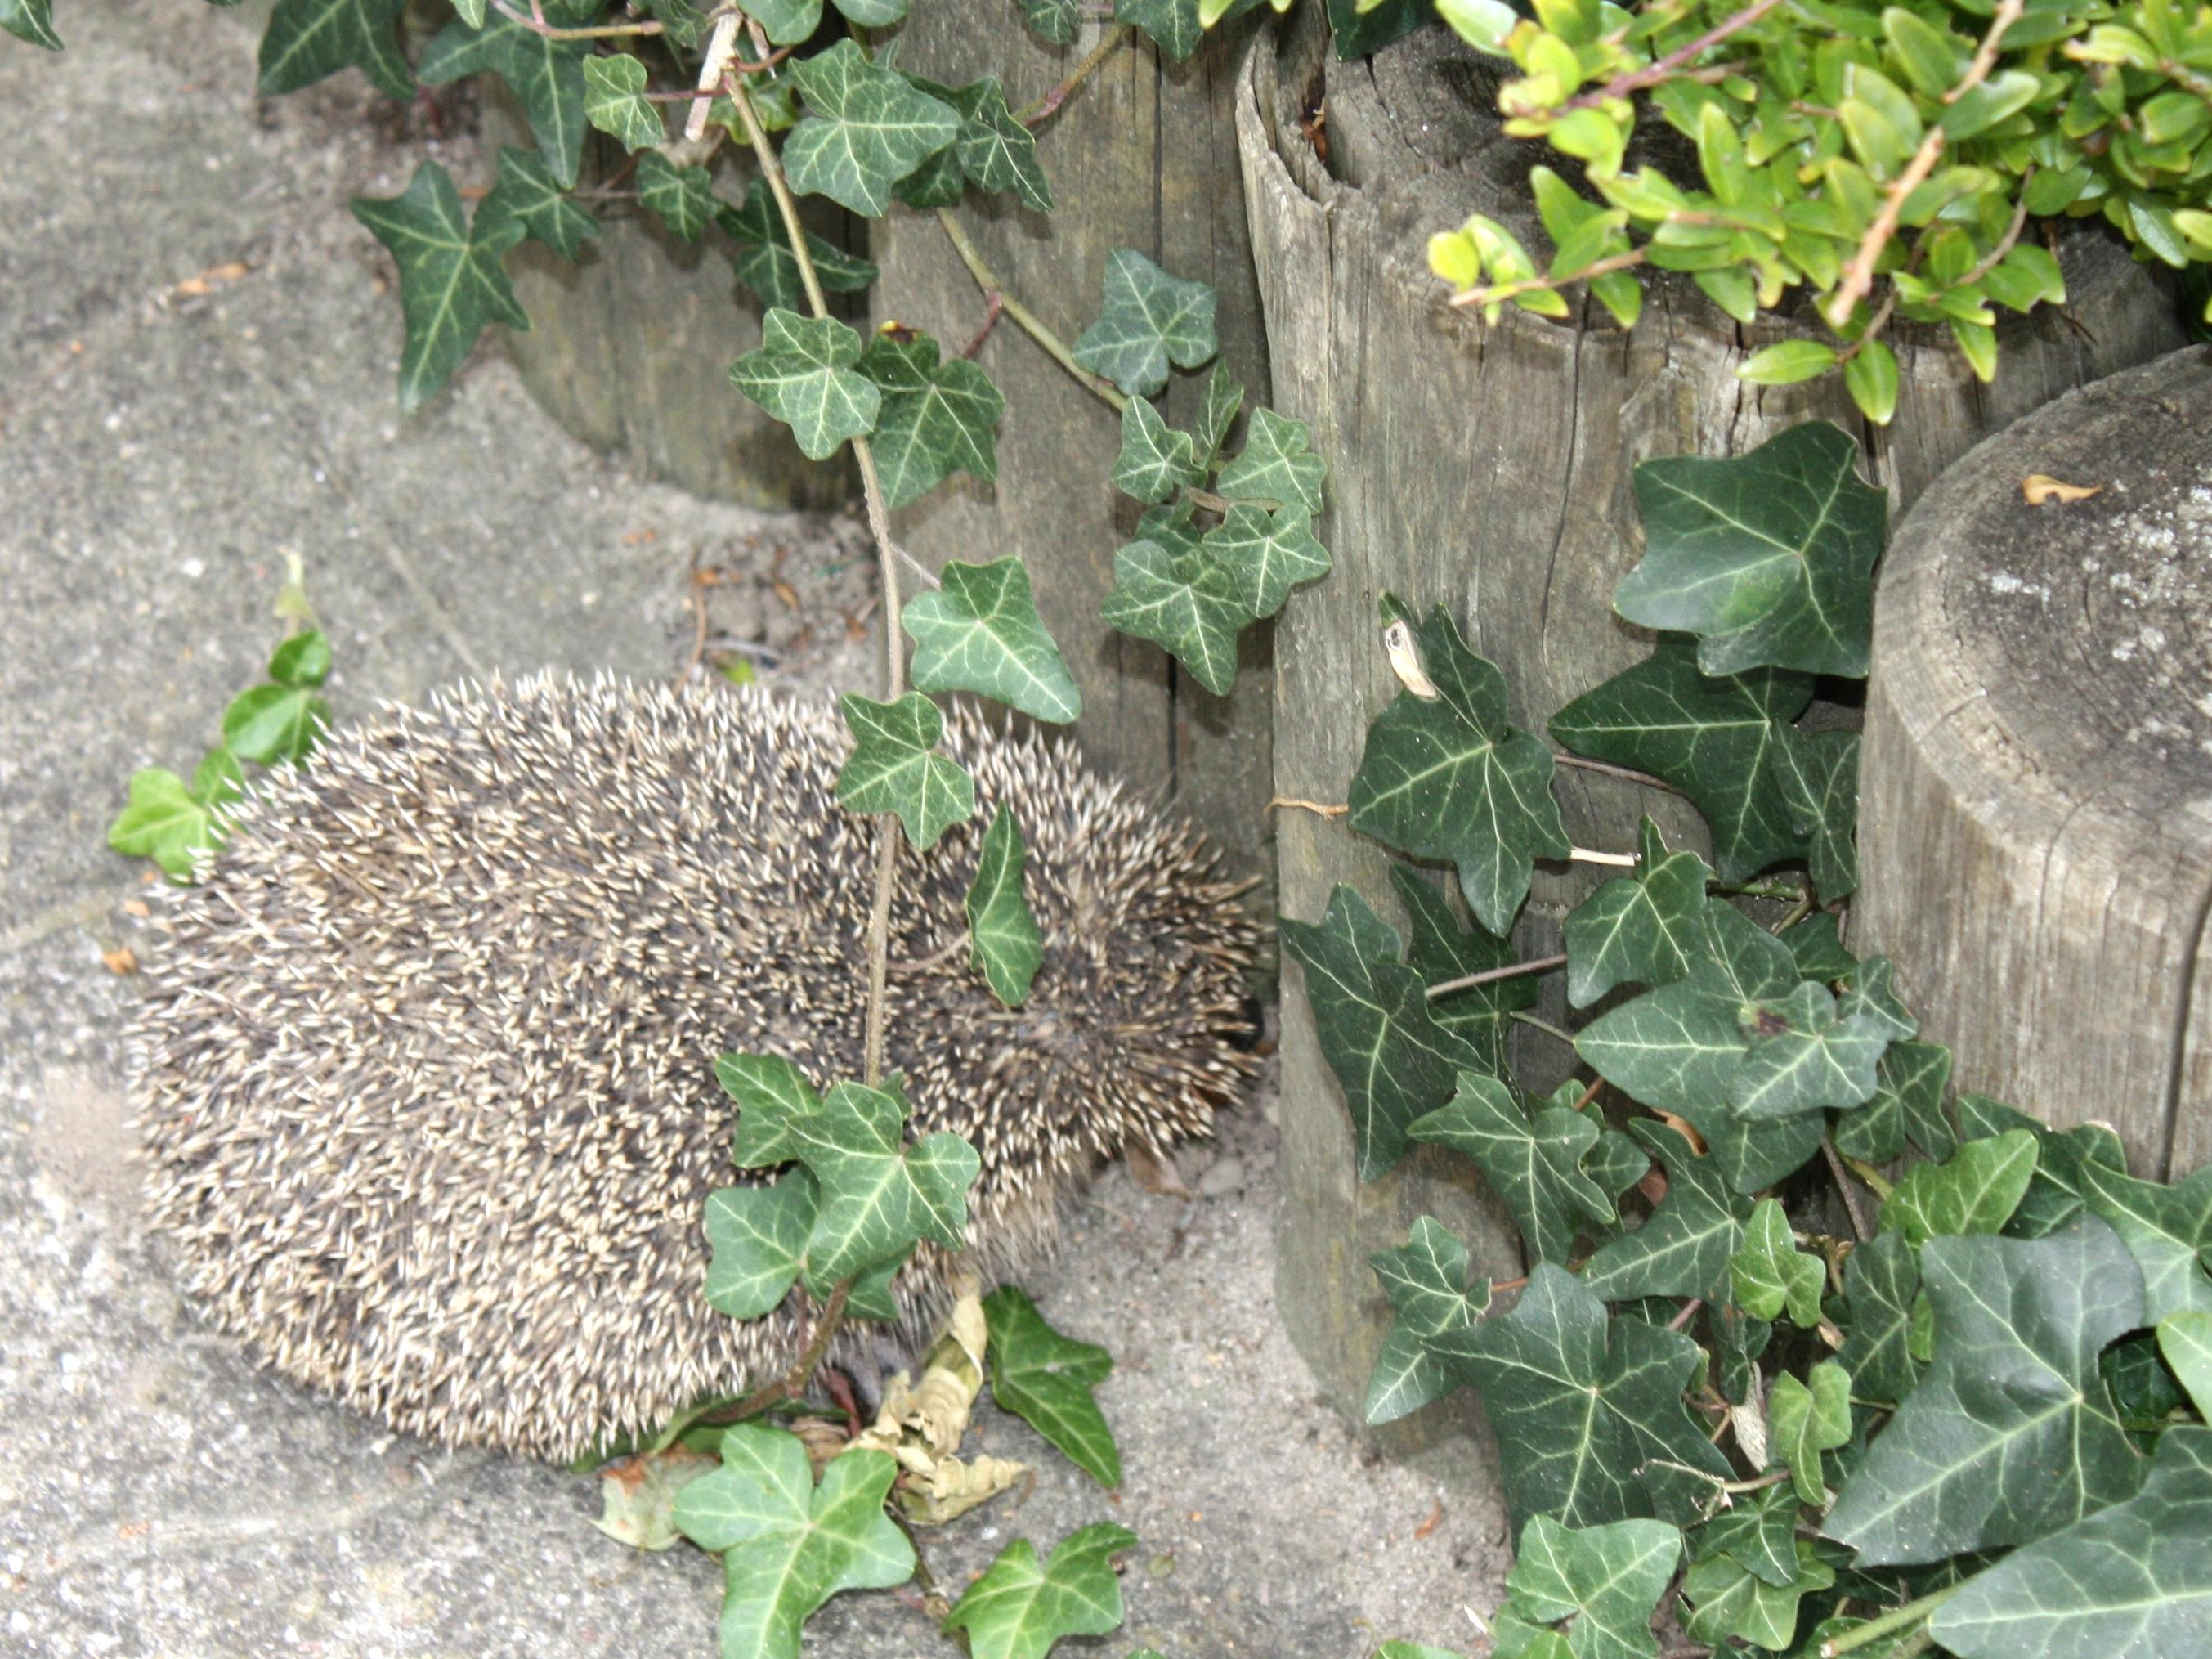 Igel sucht Unterschlupf im Garten